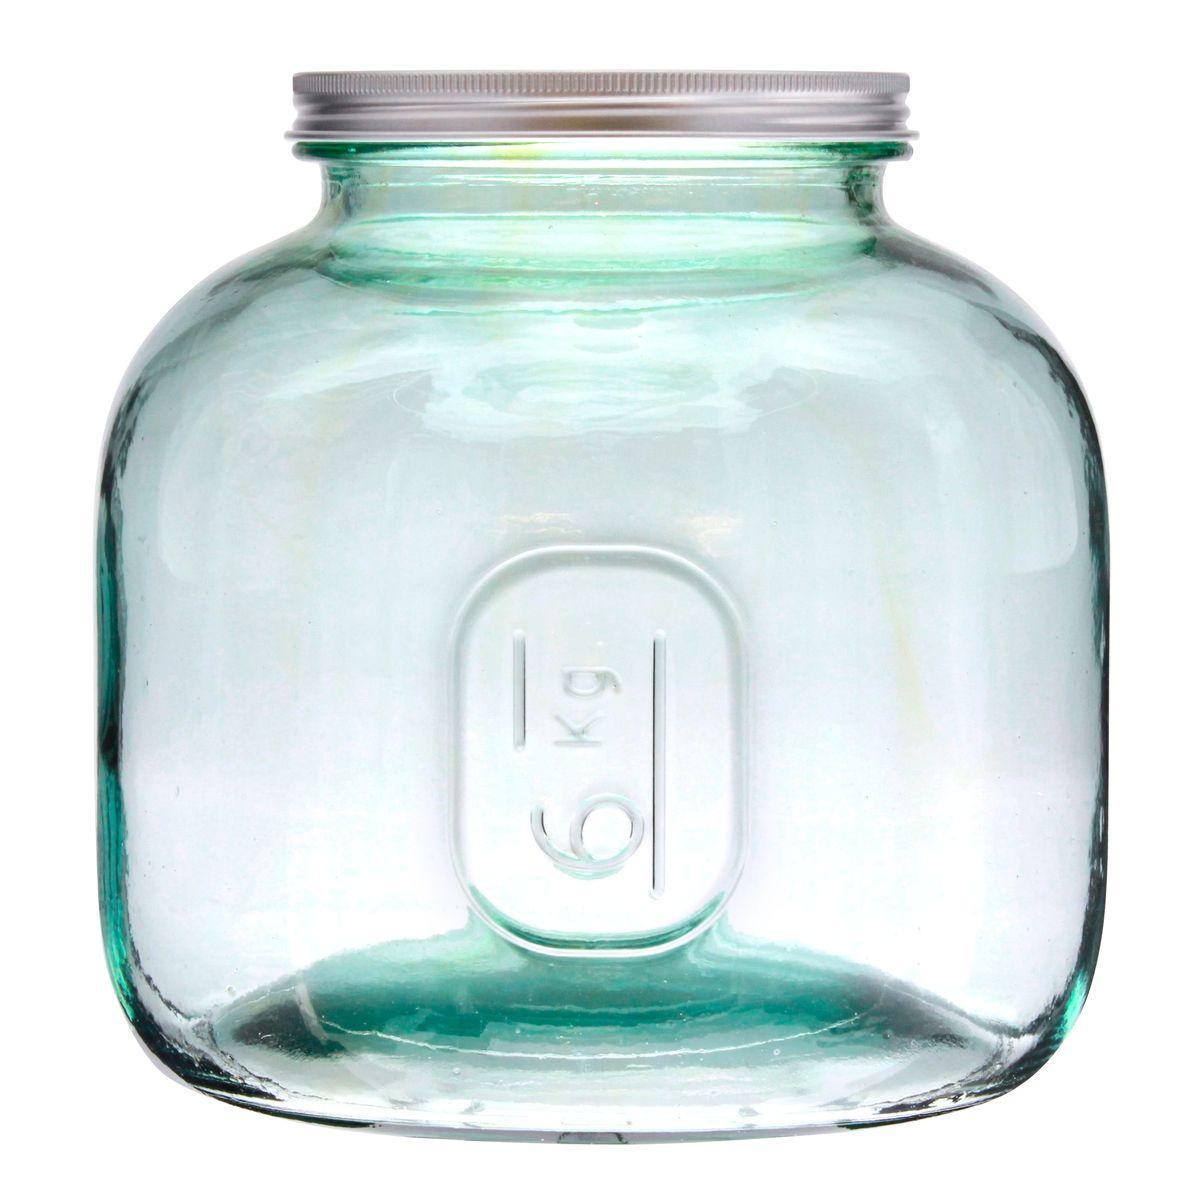 Bocal en verre recyclé 6 kg - Vidrios